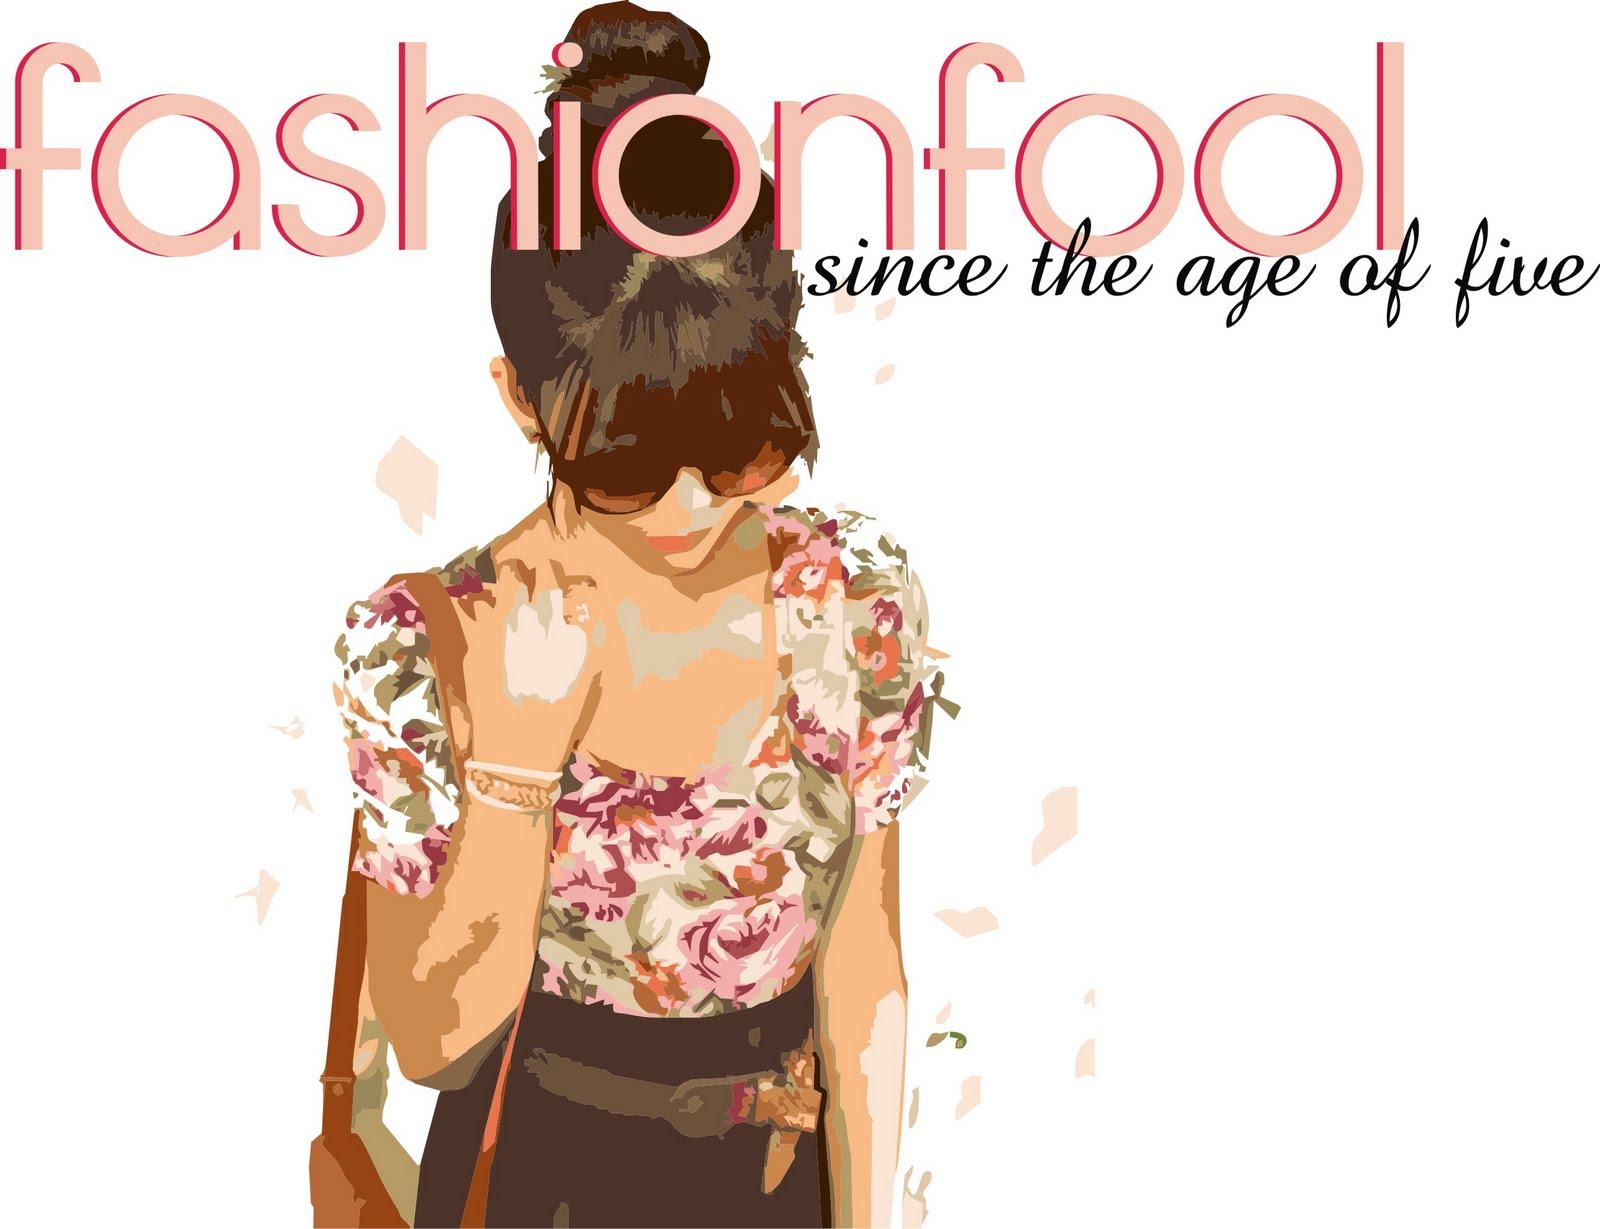 http://2.bp.blogspot.com/-iSlYv_zIuZE/TiPt9HnsJwI/AAAAAAAAAbo/meBoILsEYXA/s1600/fashionfool%2Bheader.jpg